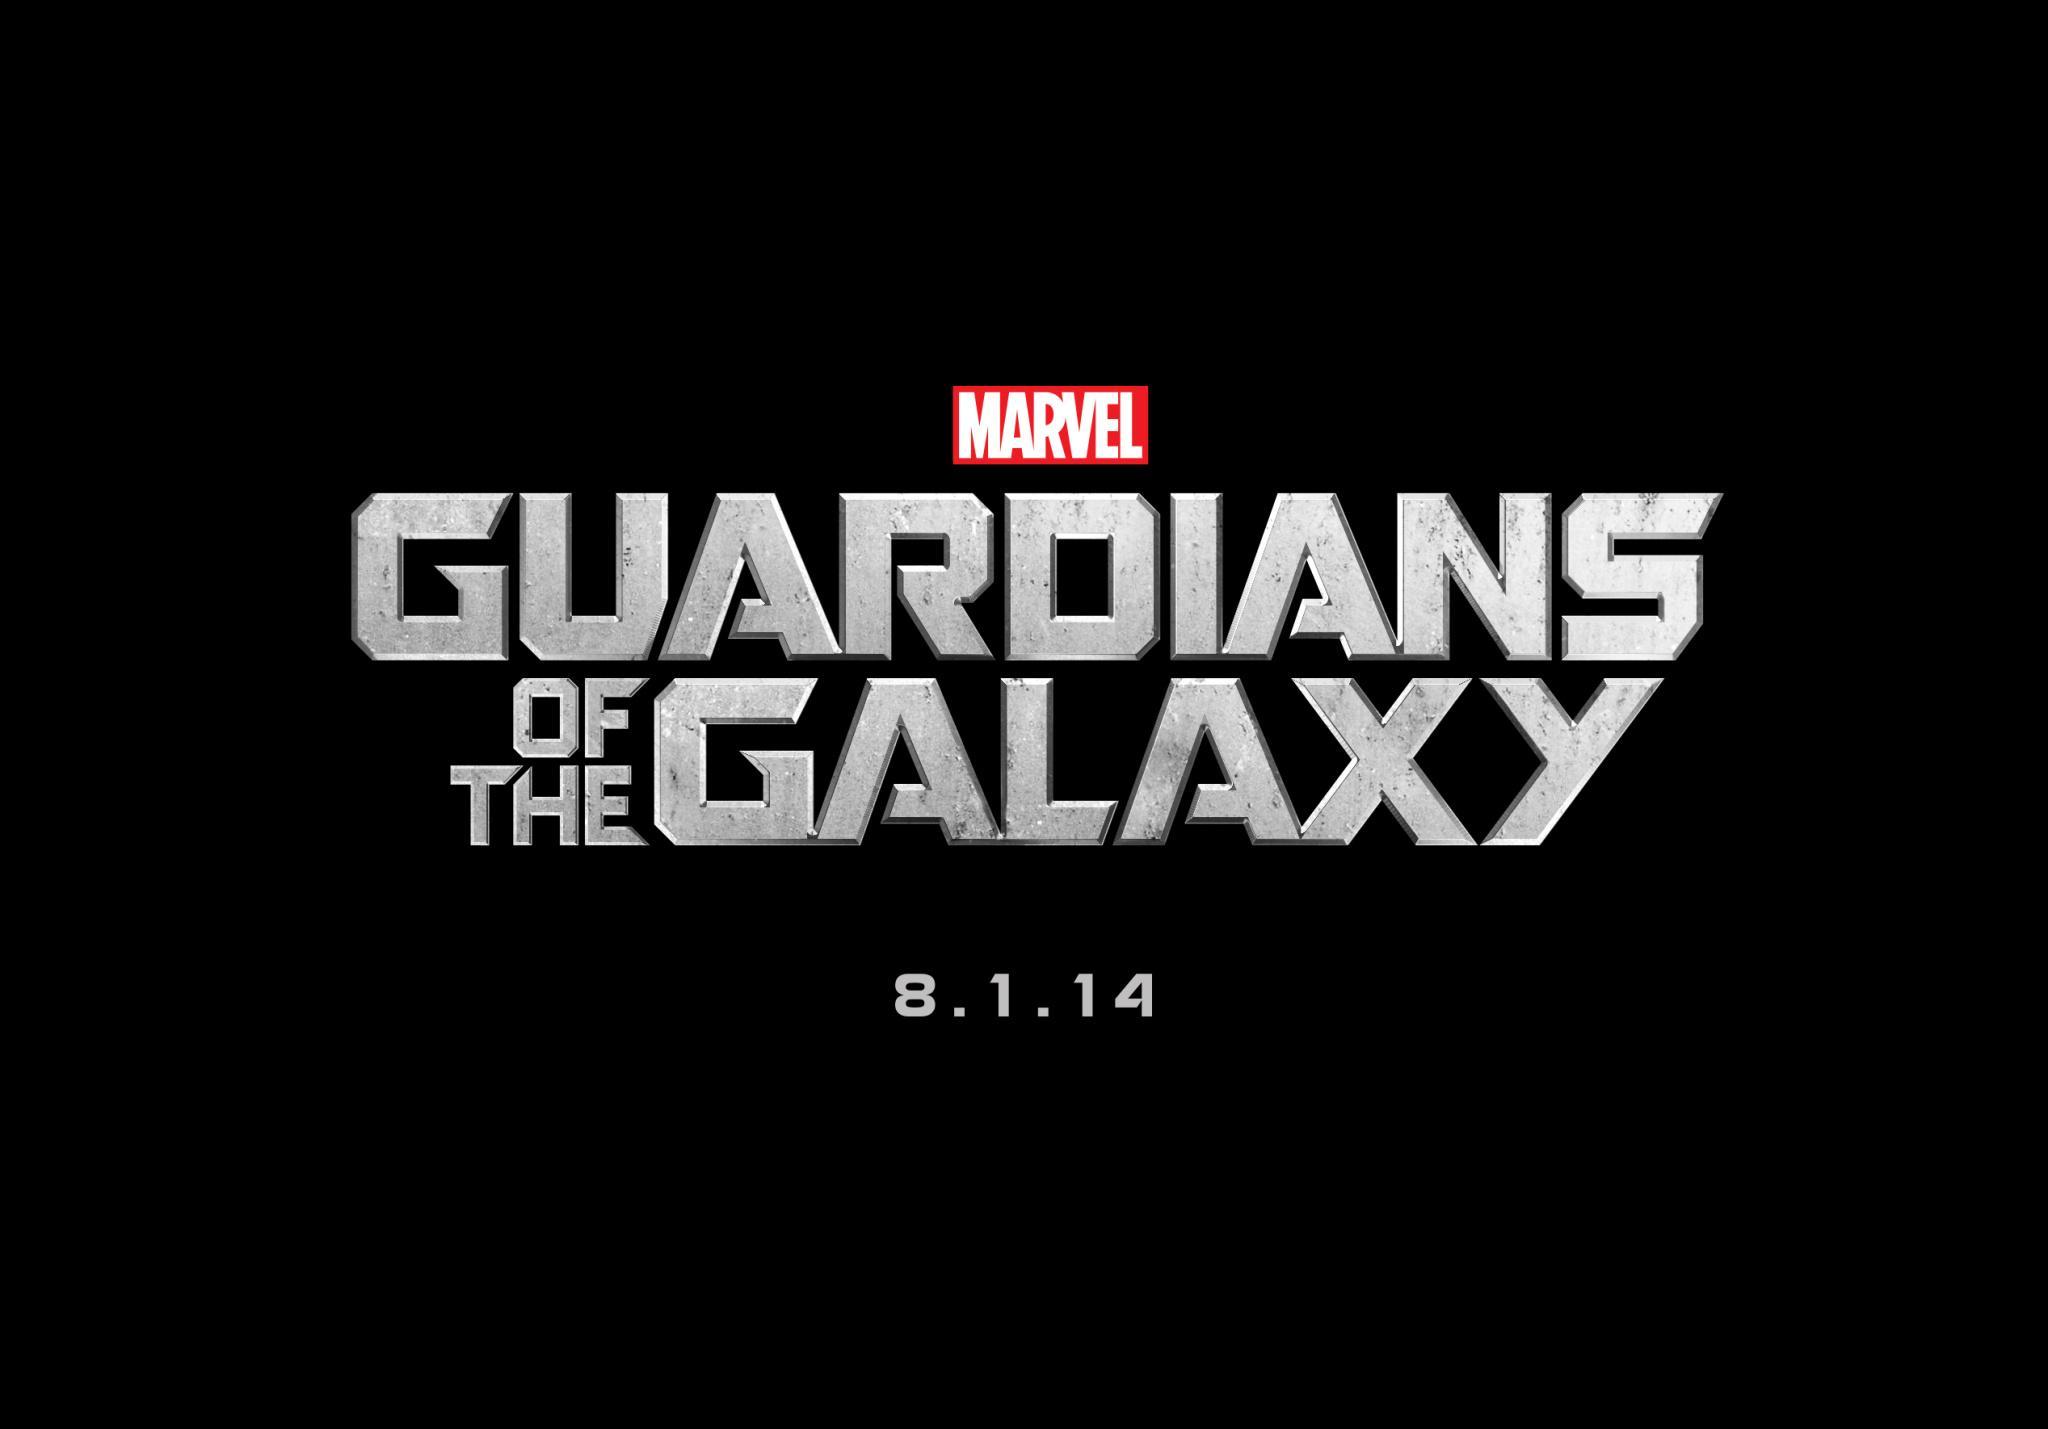 《银河护卫队》(Guardians of the Galaxy)Comic-Con全新概念艺术